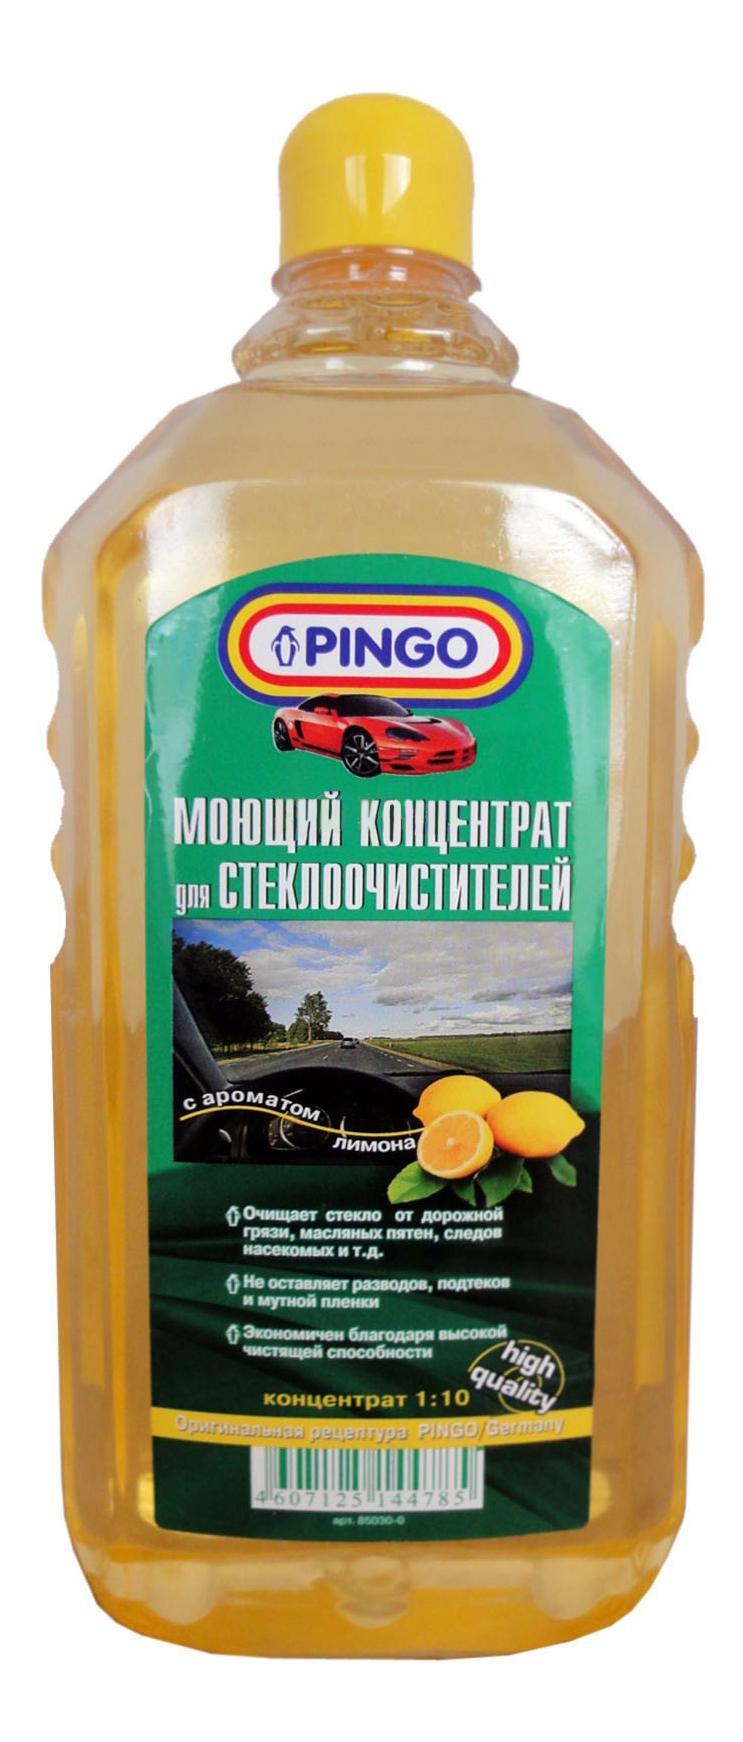 Концентрат жидкости для стеклоомывателя PINGO 1л 1:10